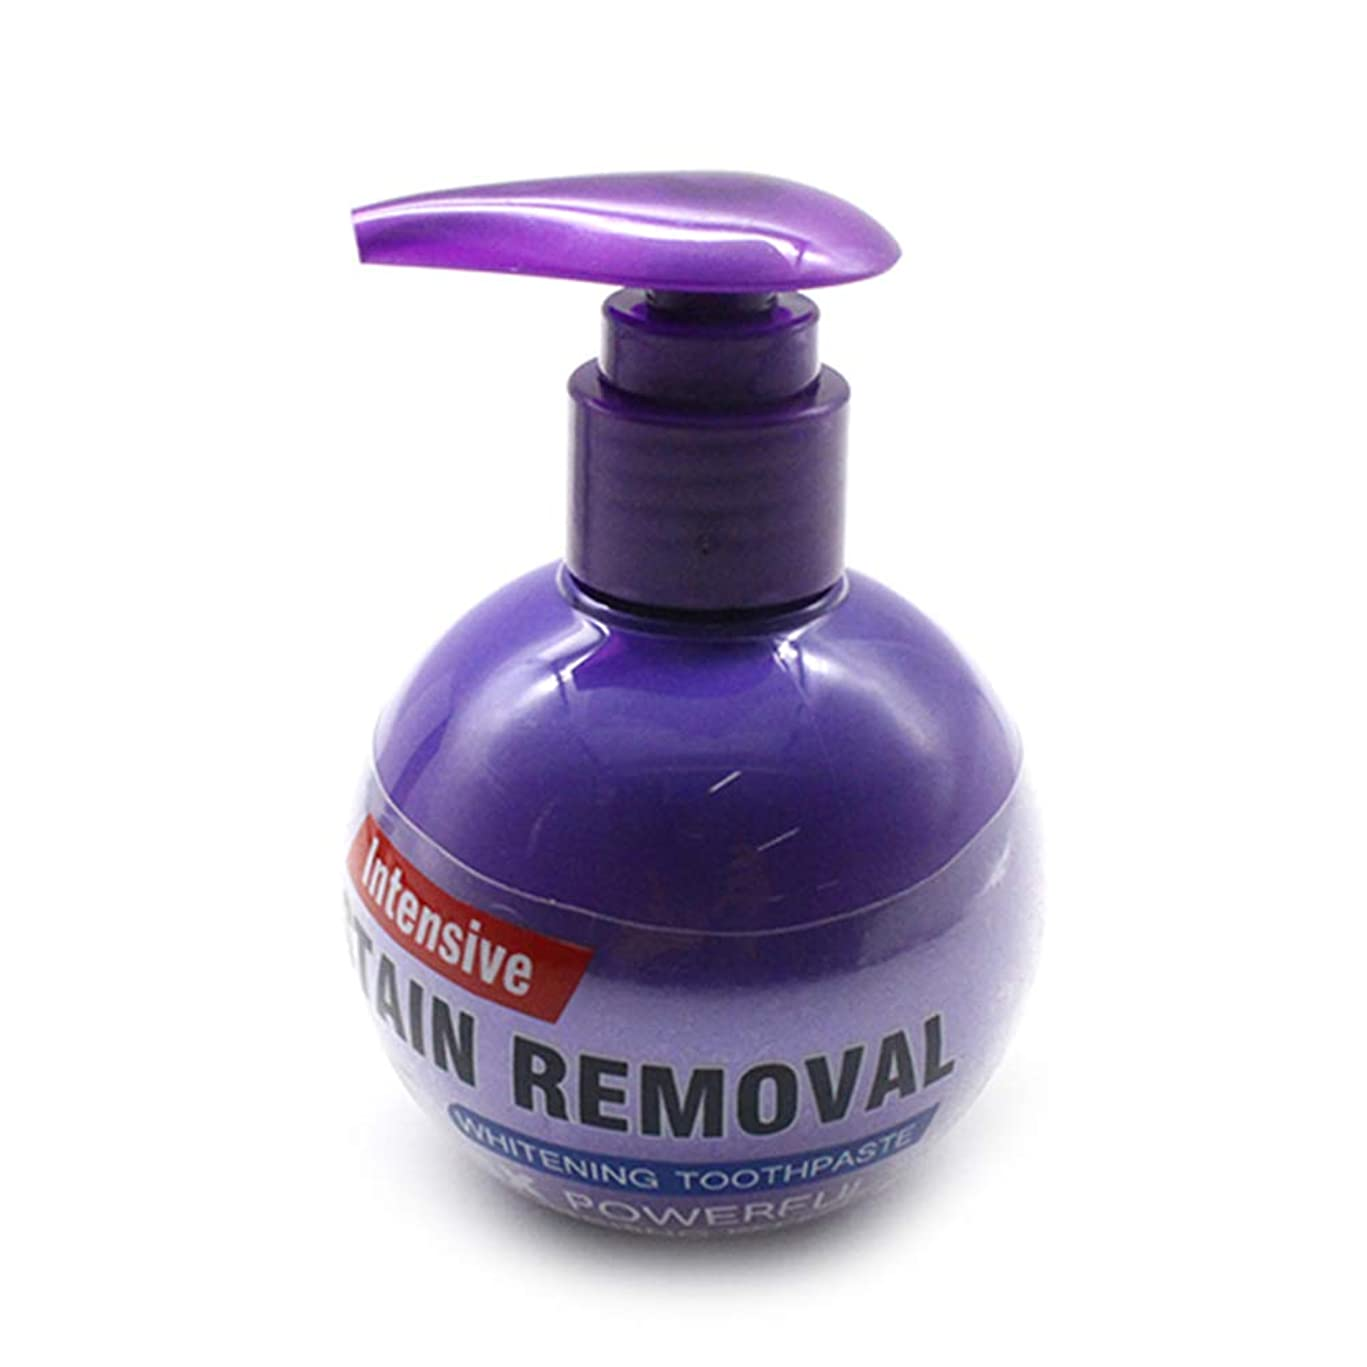 指修羅場句Beaurtty強力な洗剤、新しい歯磨き粉の美白、抗出血ガム、歯磨き粉、歯